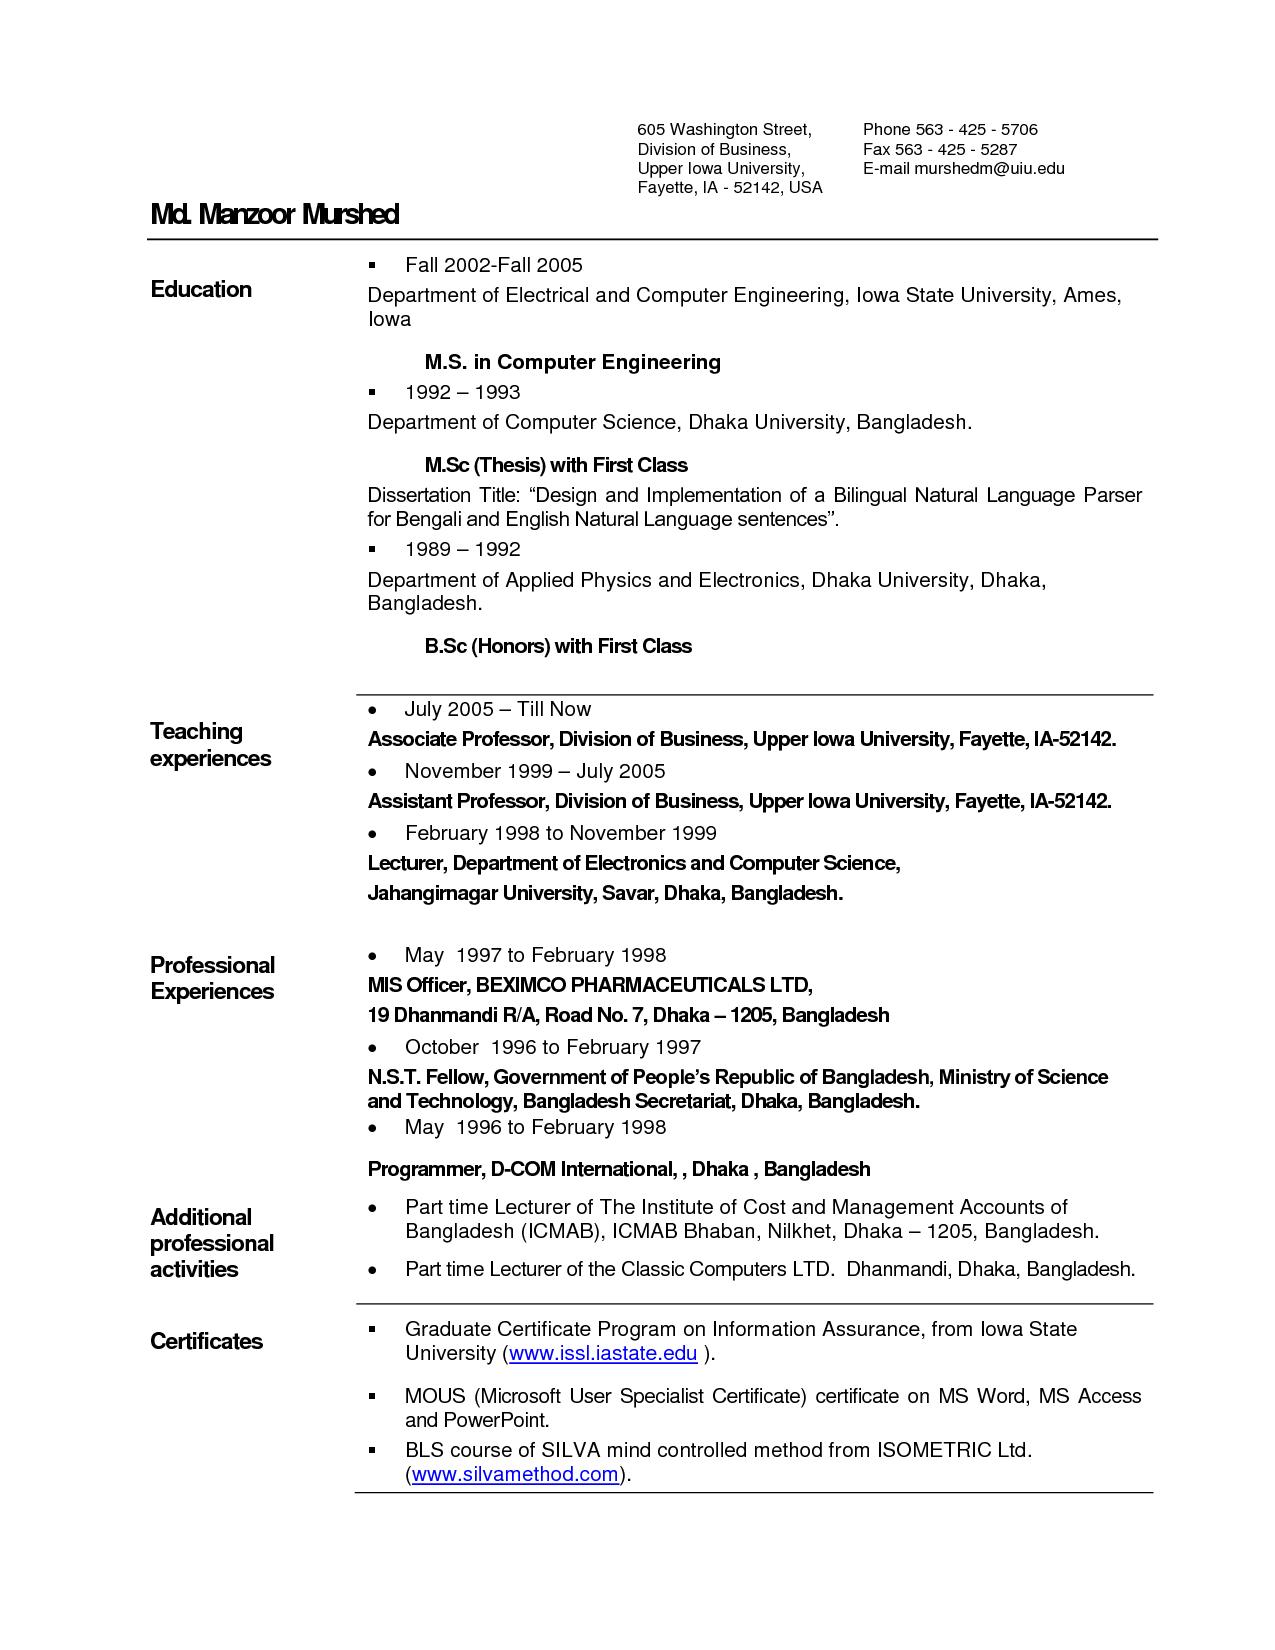 lecturer resume sample pdf